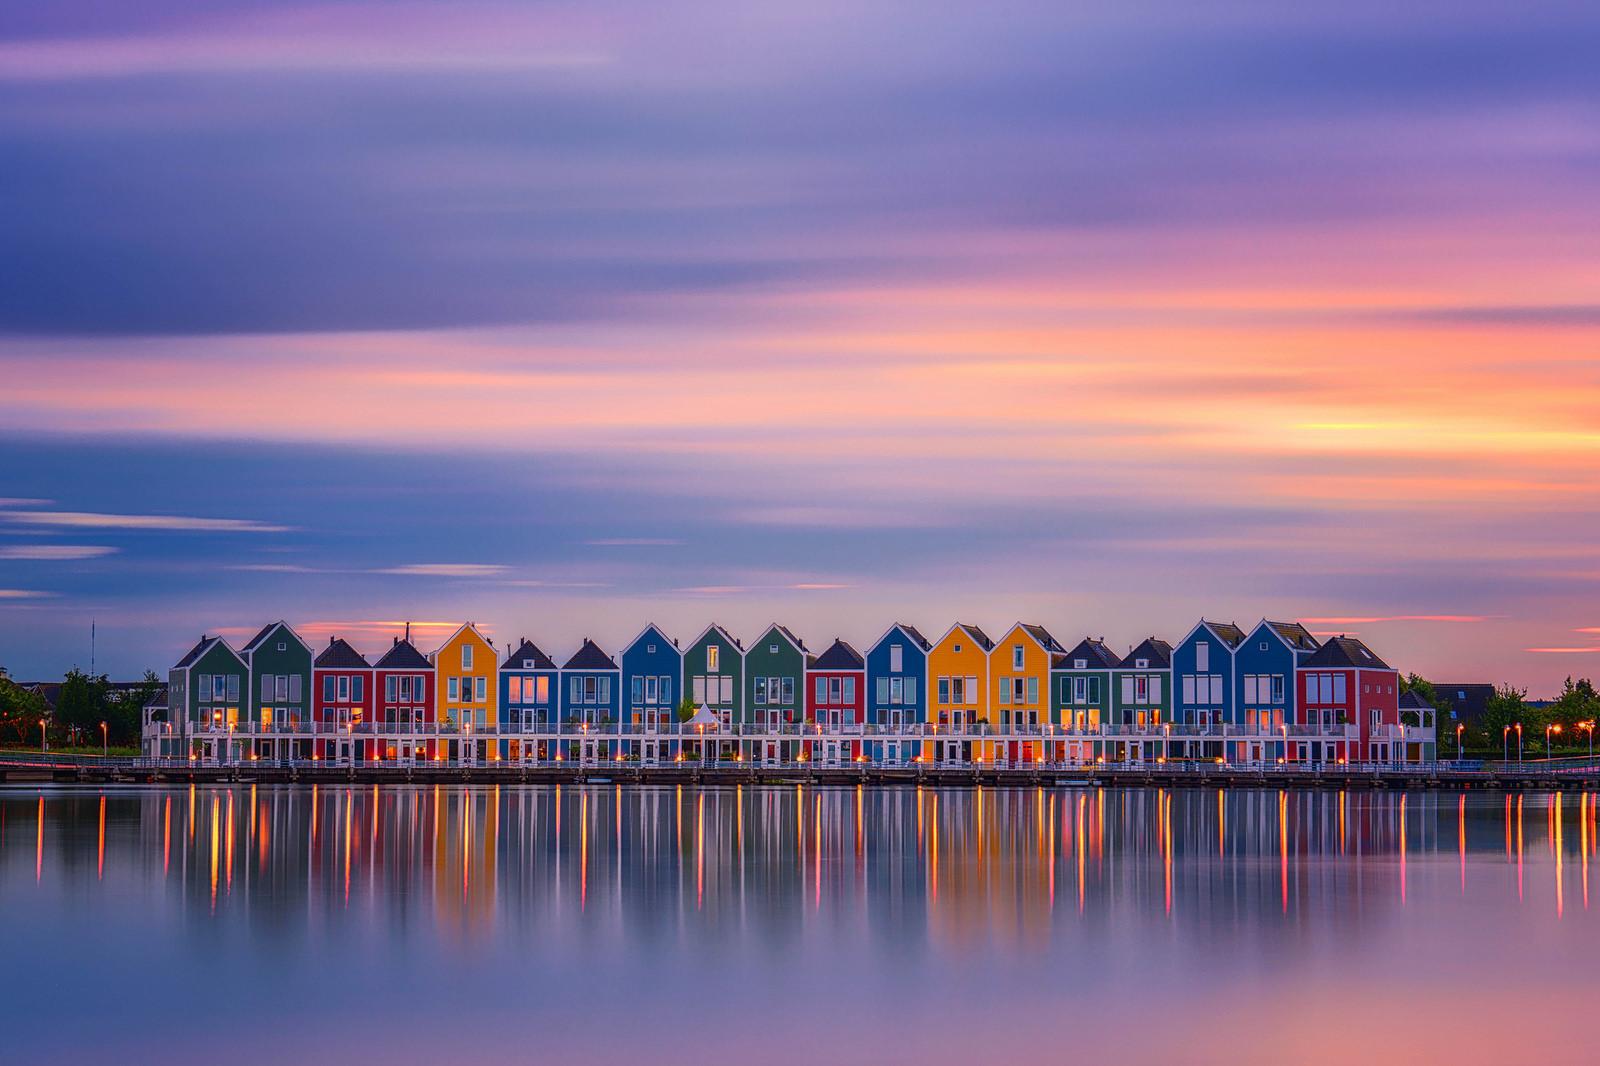 Reflejos de casas en lago - 1600x1066